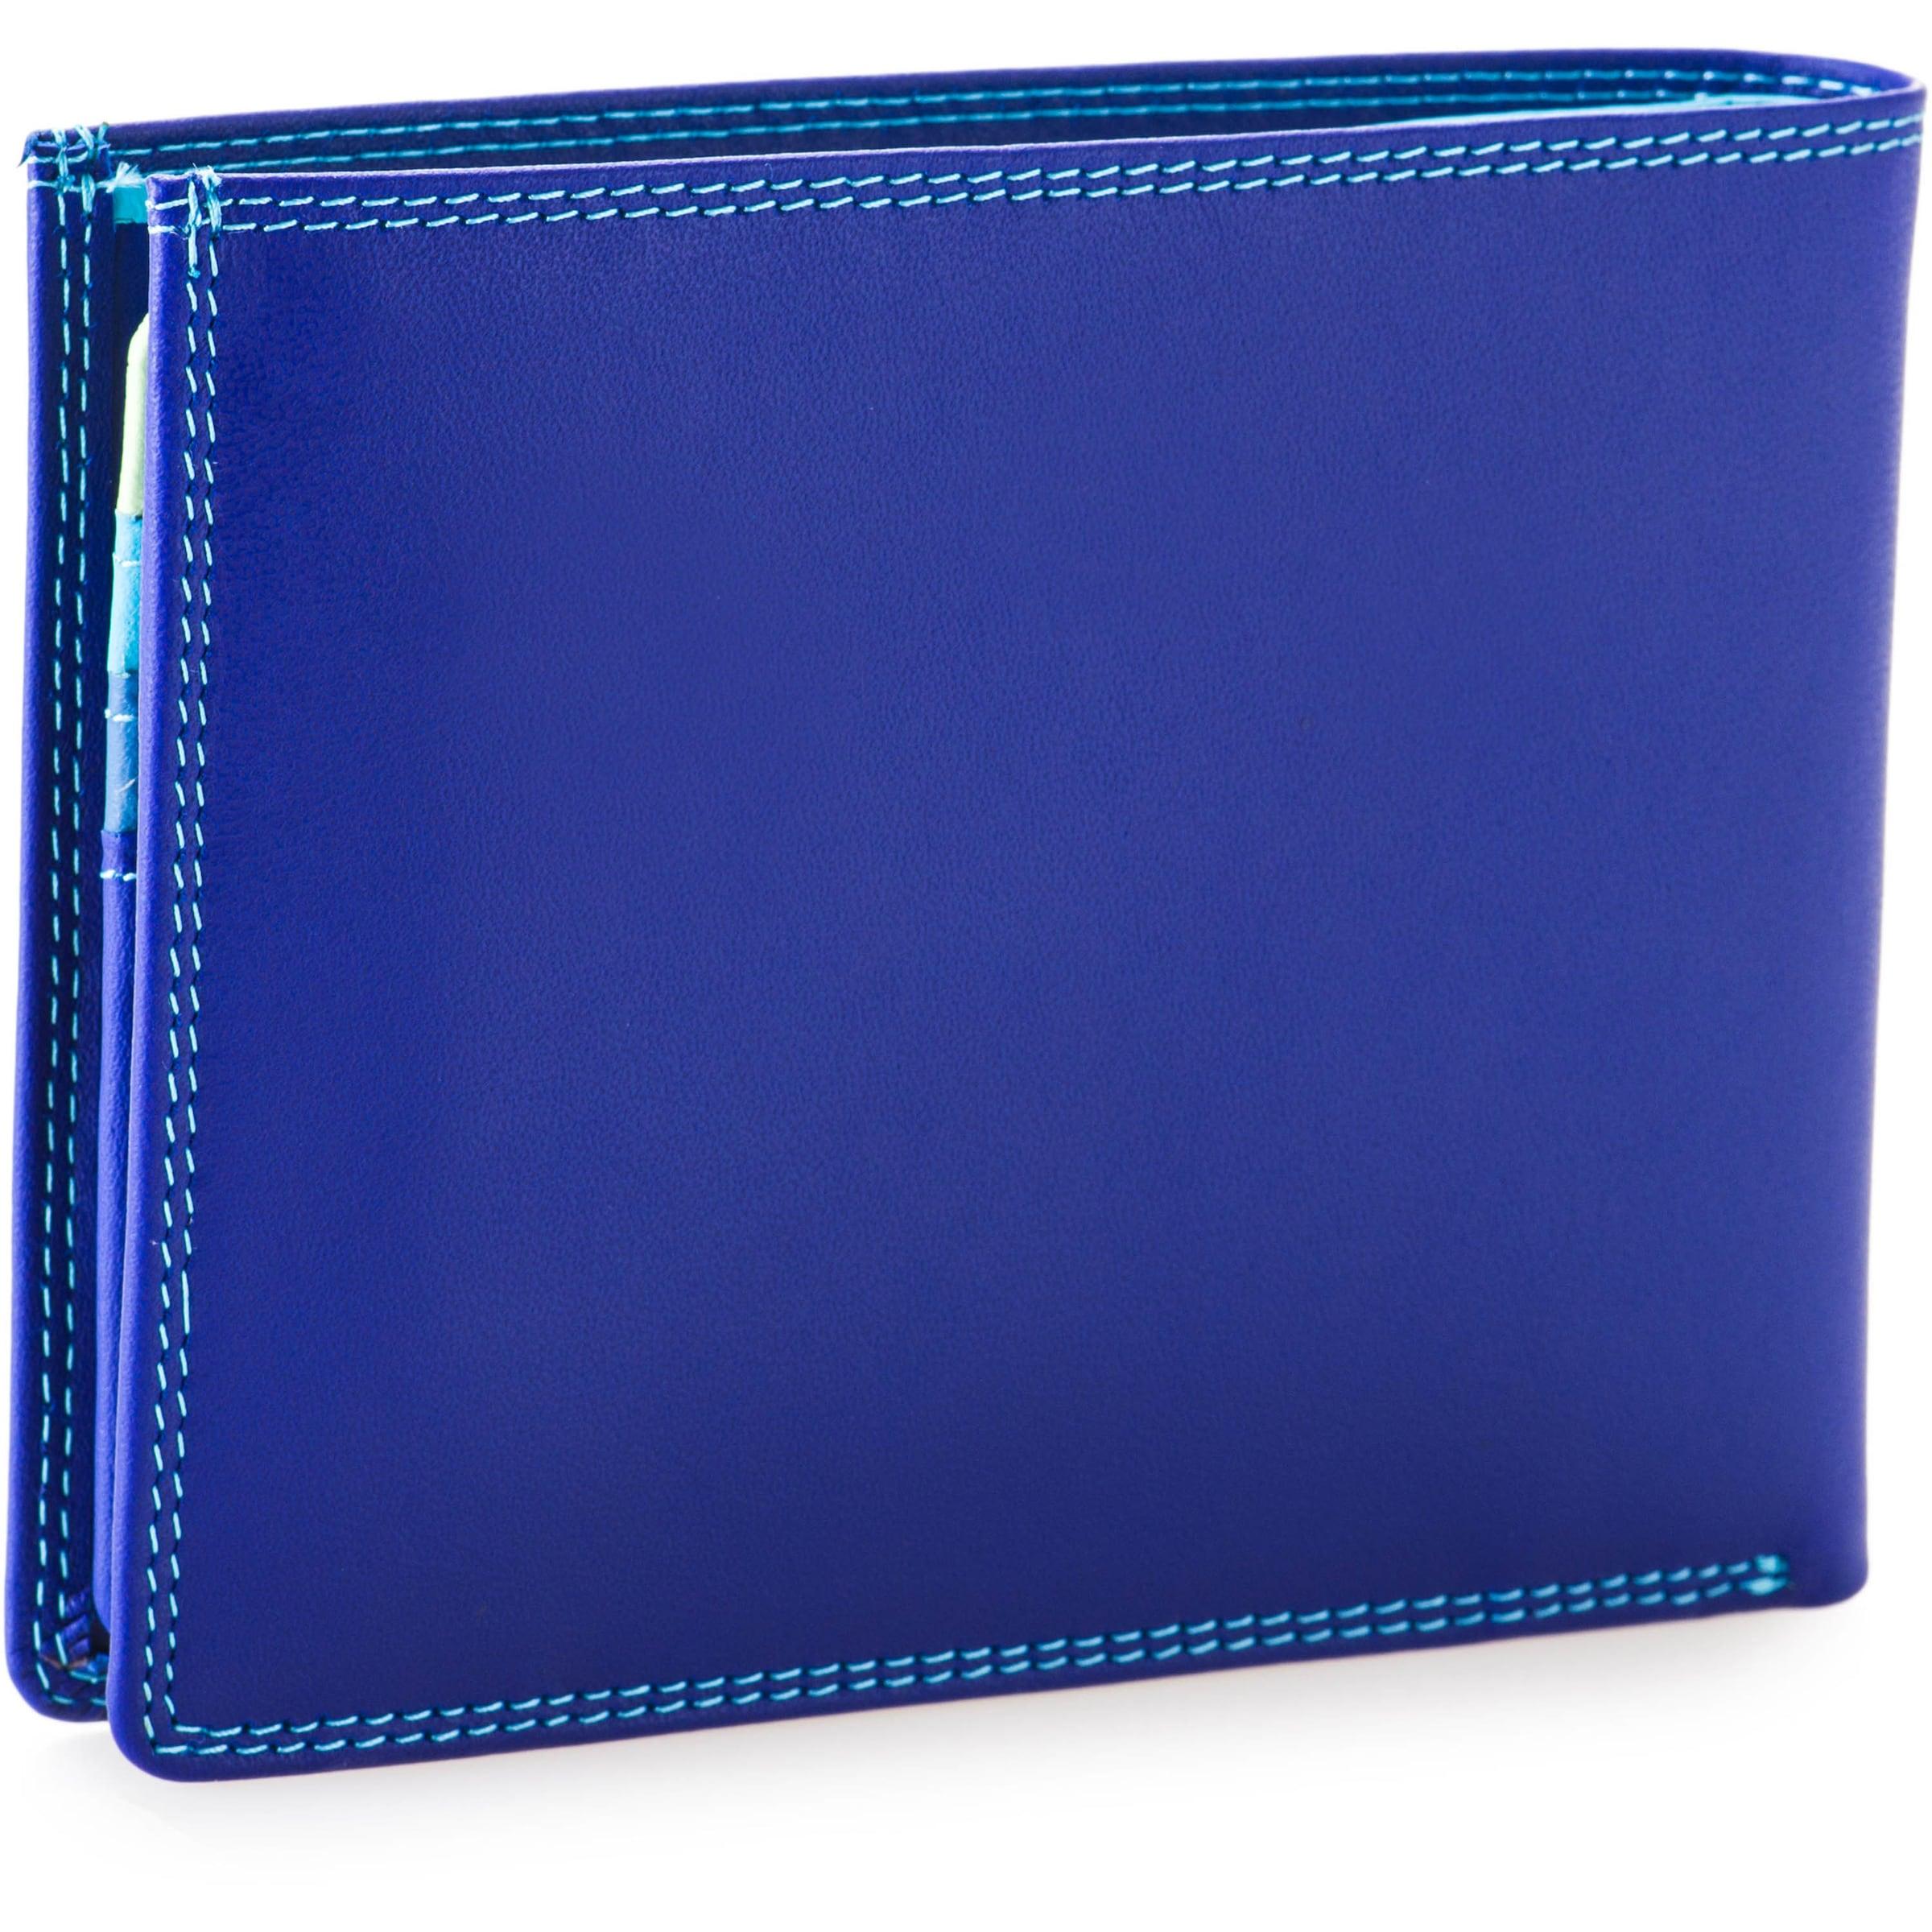 Geldbörse In Geldbörse Mywalit Blau Mywalit Mywalit In Geldbörse Blau Blau Mywalit In Geldbörse xBCoerd